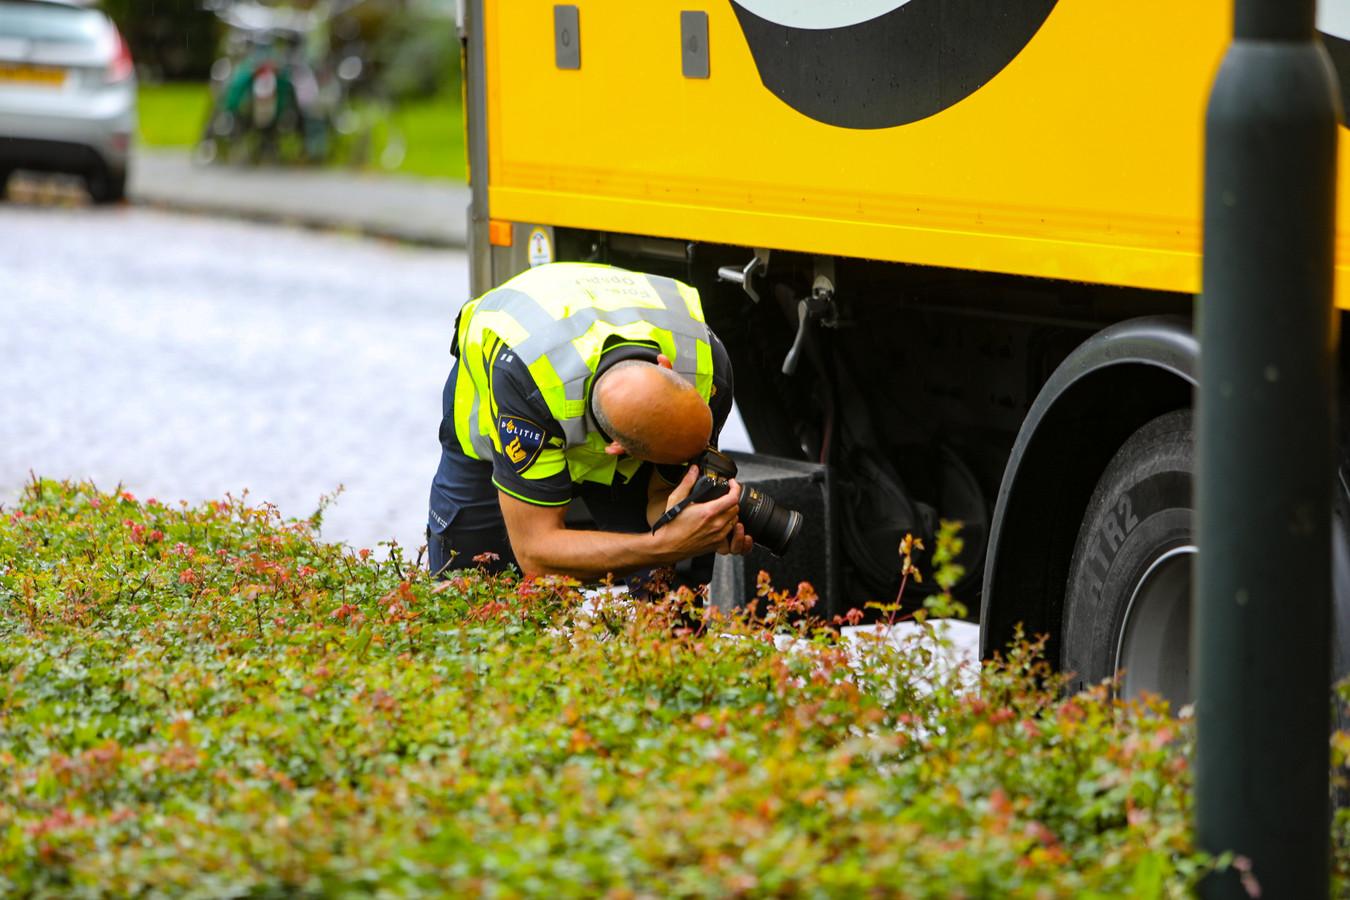 De Verkeersongevallenanalyse deed onderzoek naar de mogelijke betrokkenheid van een vrachtwagen bij het ongeluk: later maakte de politie bekend dat de chauffeur van de vrachtwagen niet in beeld is als verdachte.